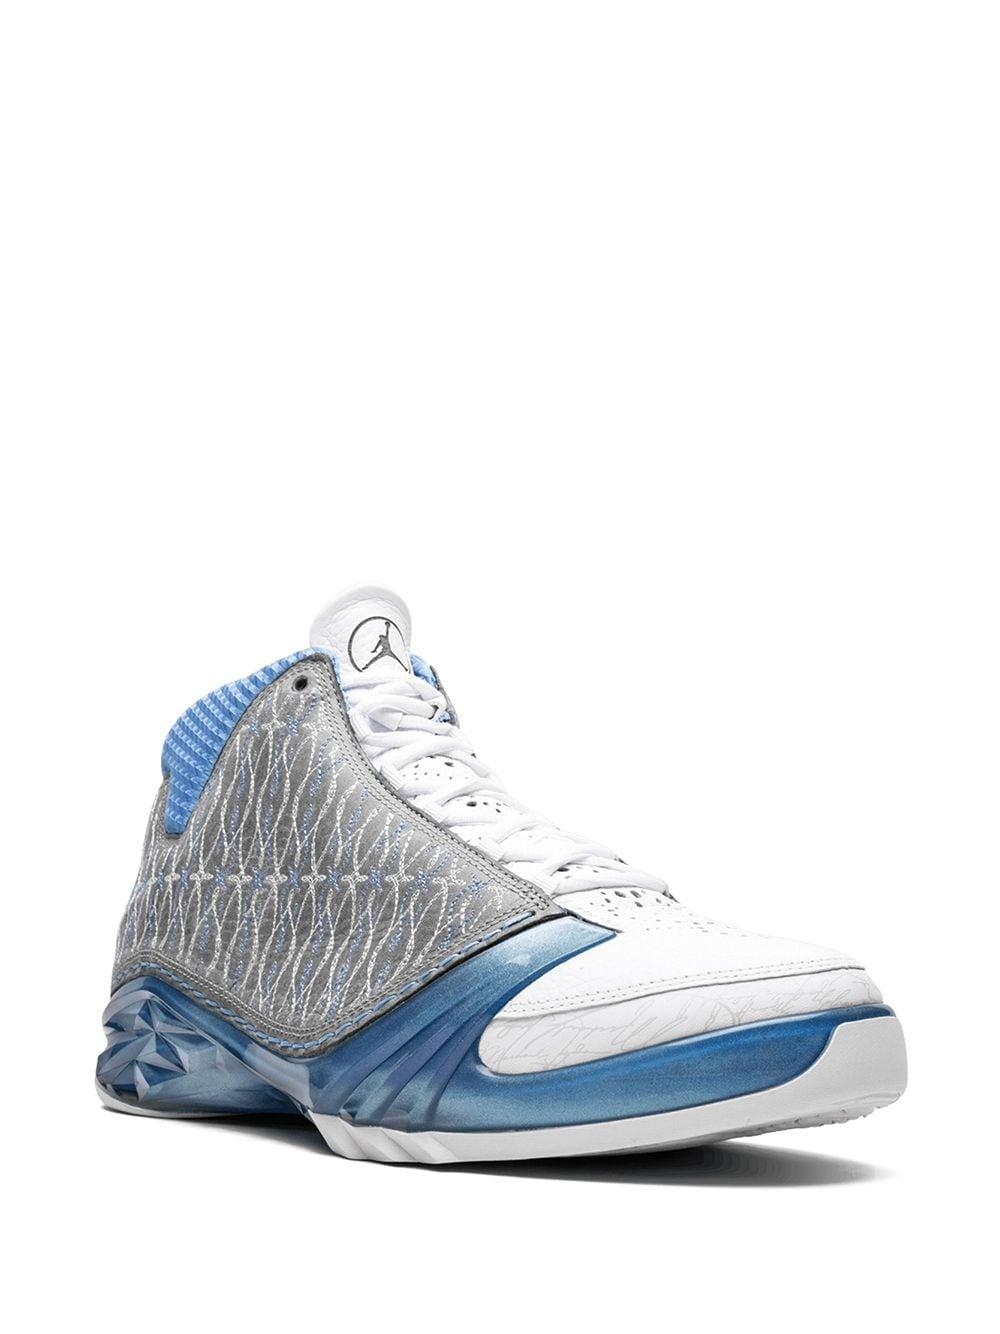 Zapatillas Air 23 Premier Nike de hombre de color Gris